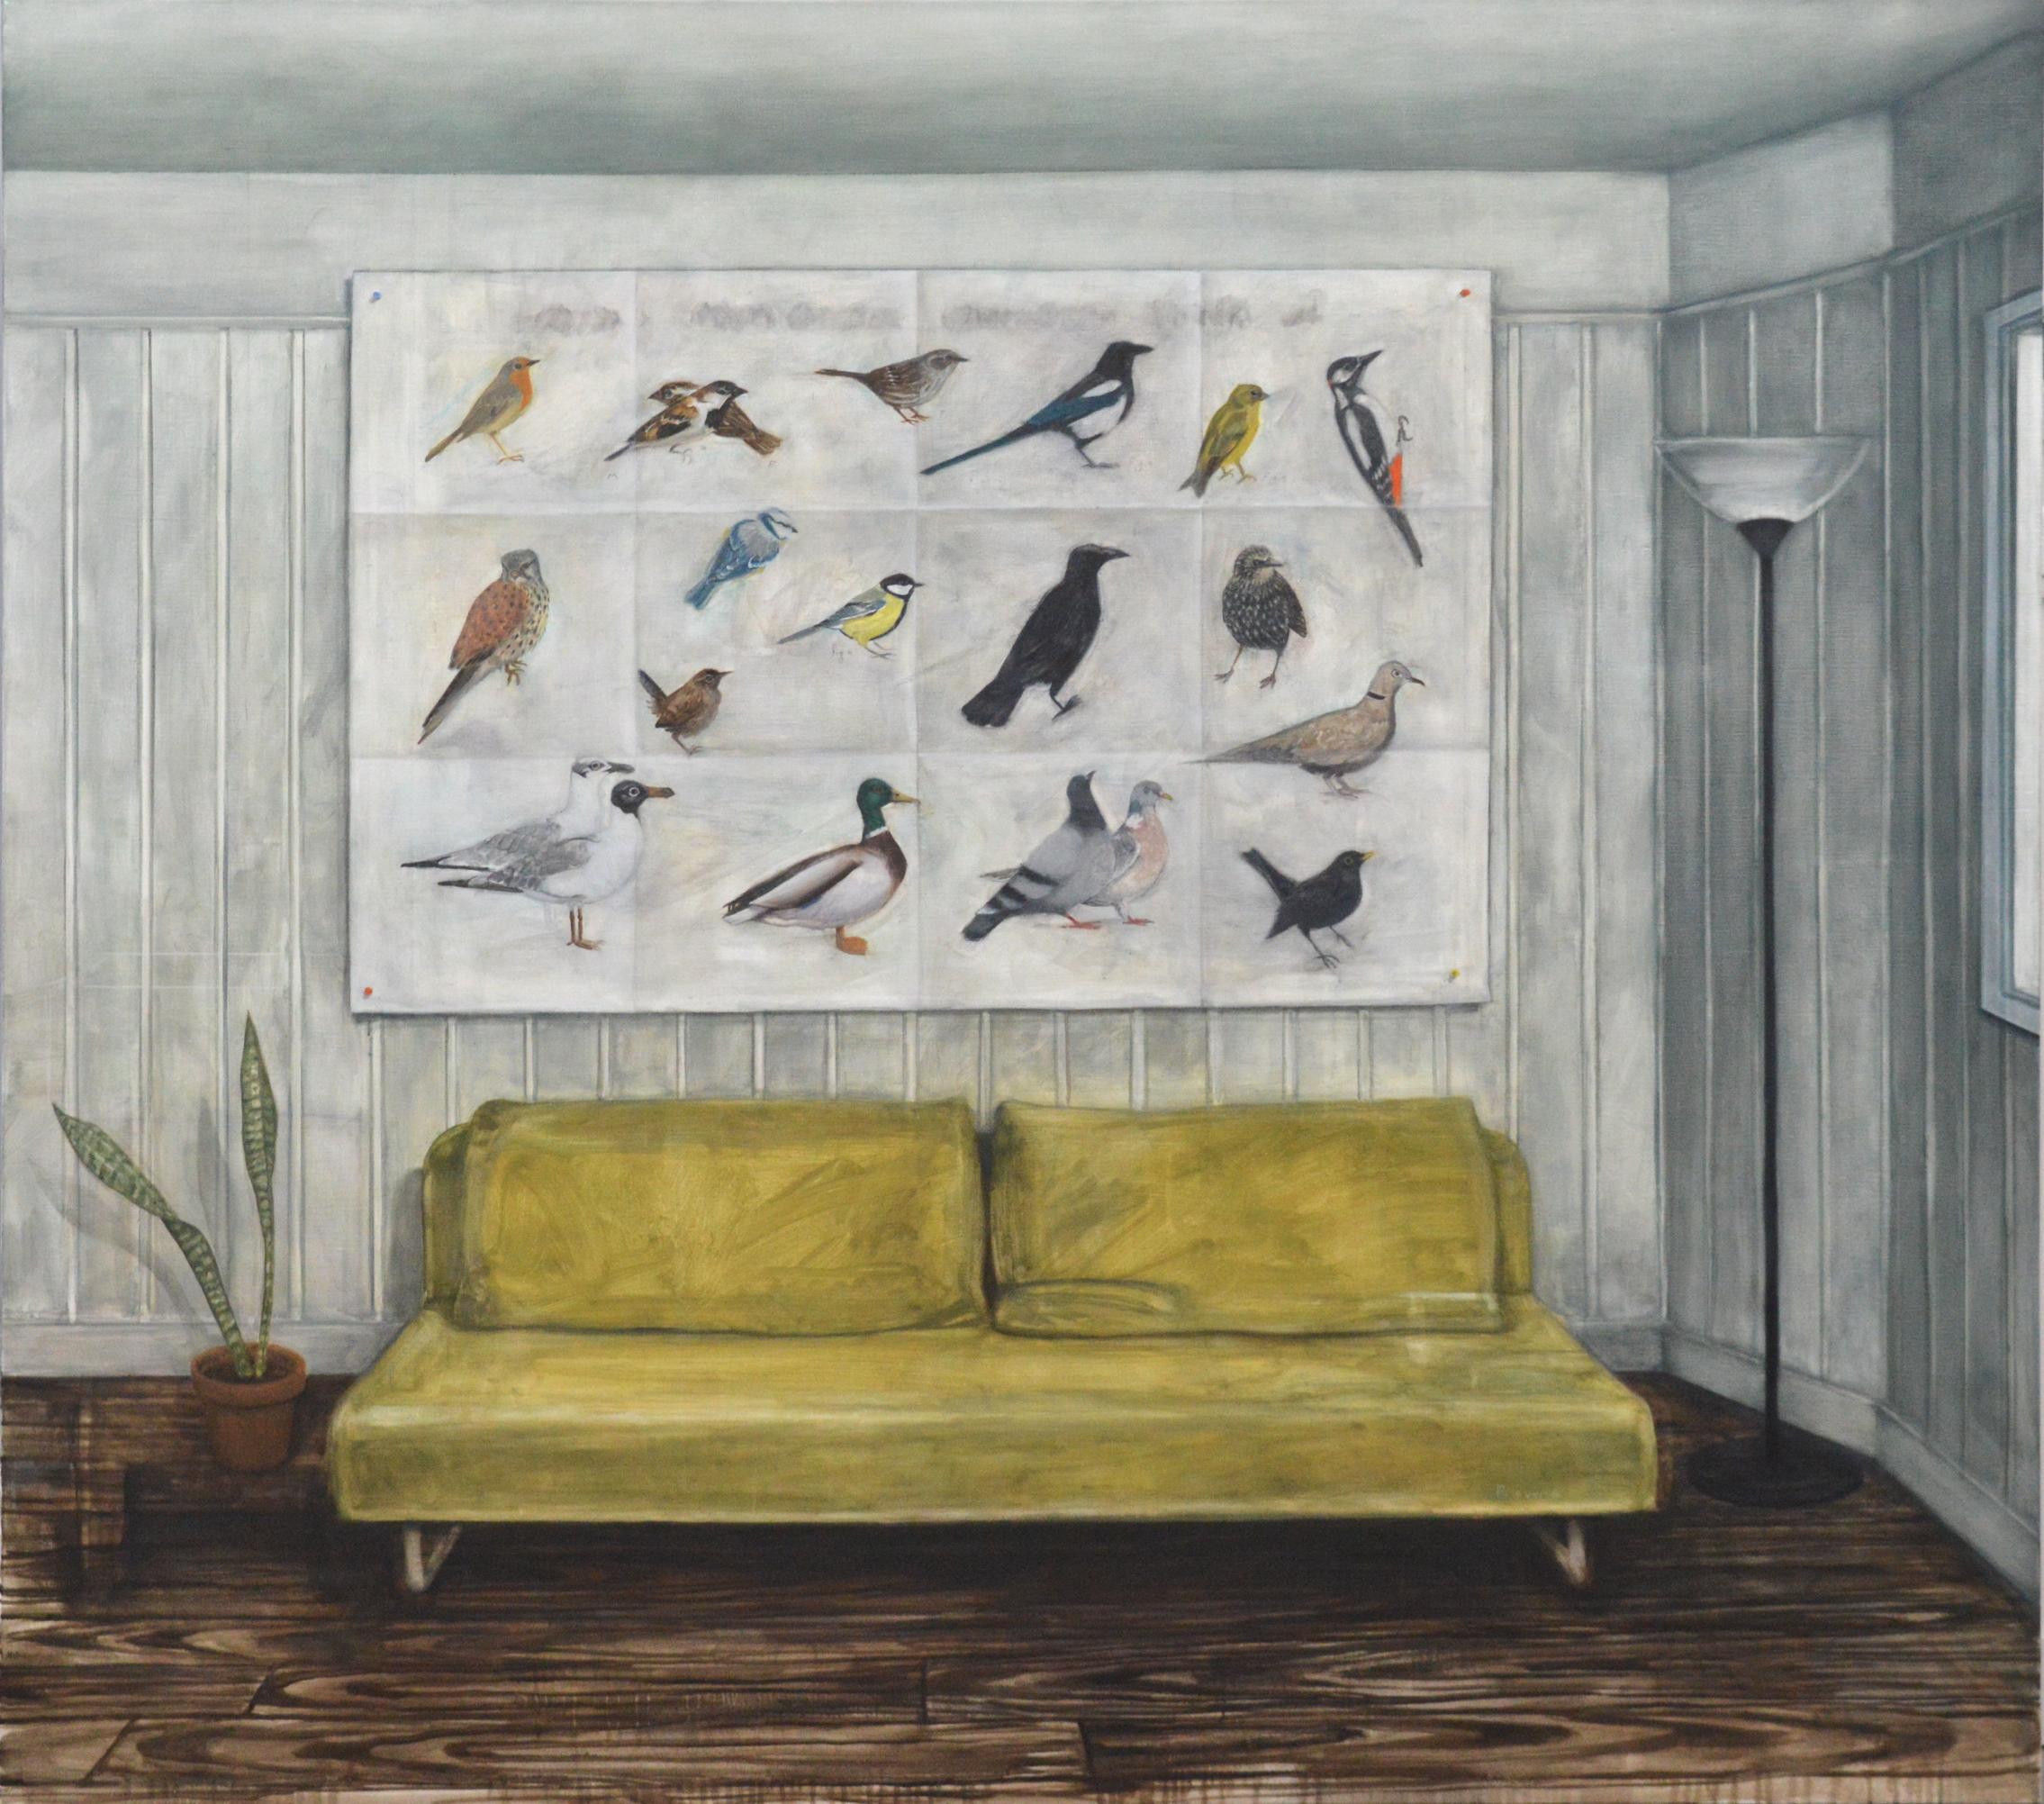 (La Conférence des) Oiseaux de Paris et de sa banlieue , 2018, 160 x180 cm, oil on canvas